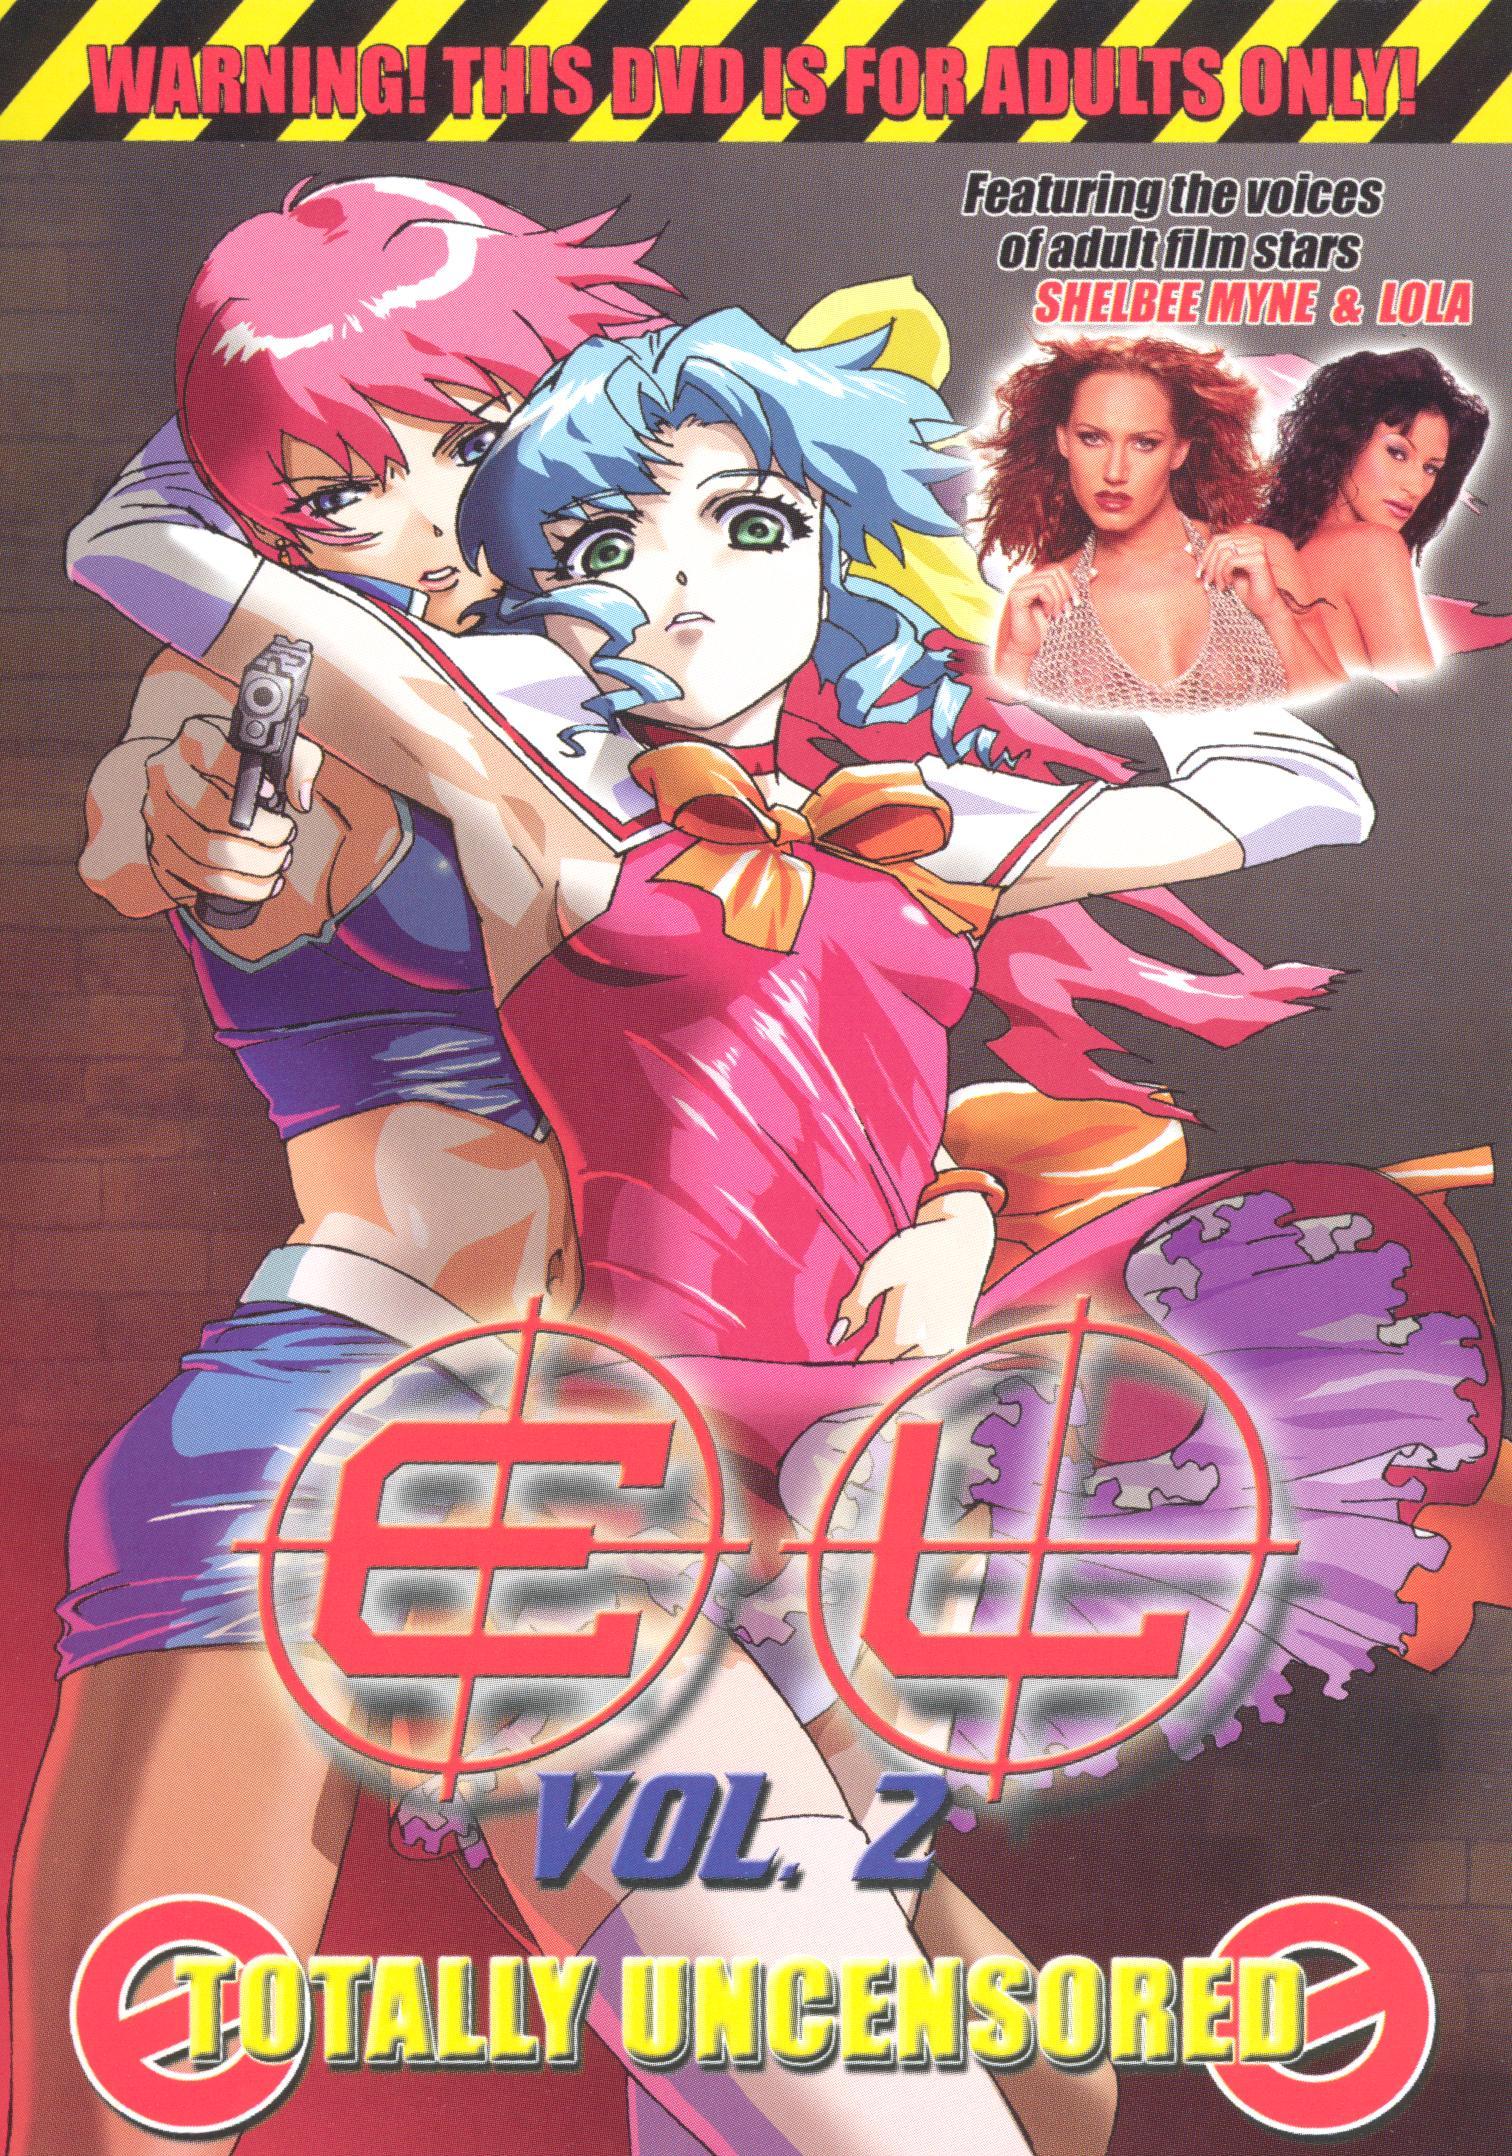 Bleach hot cosplay girls